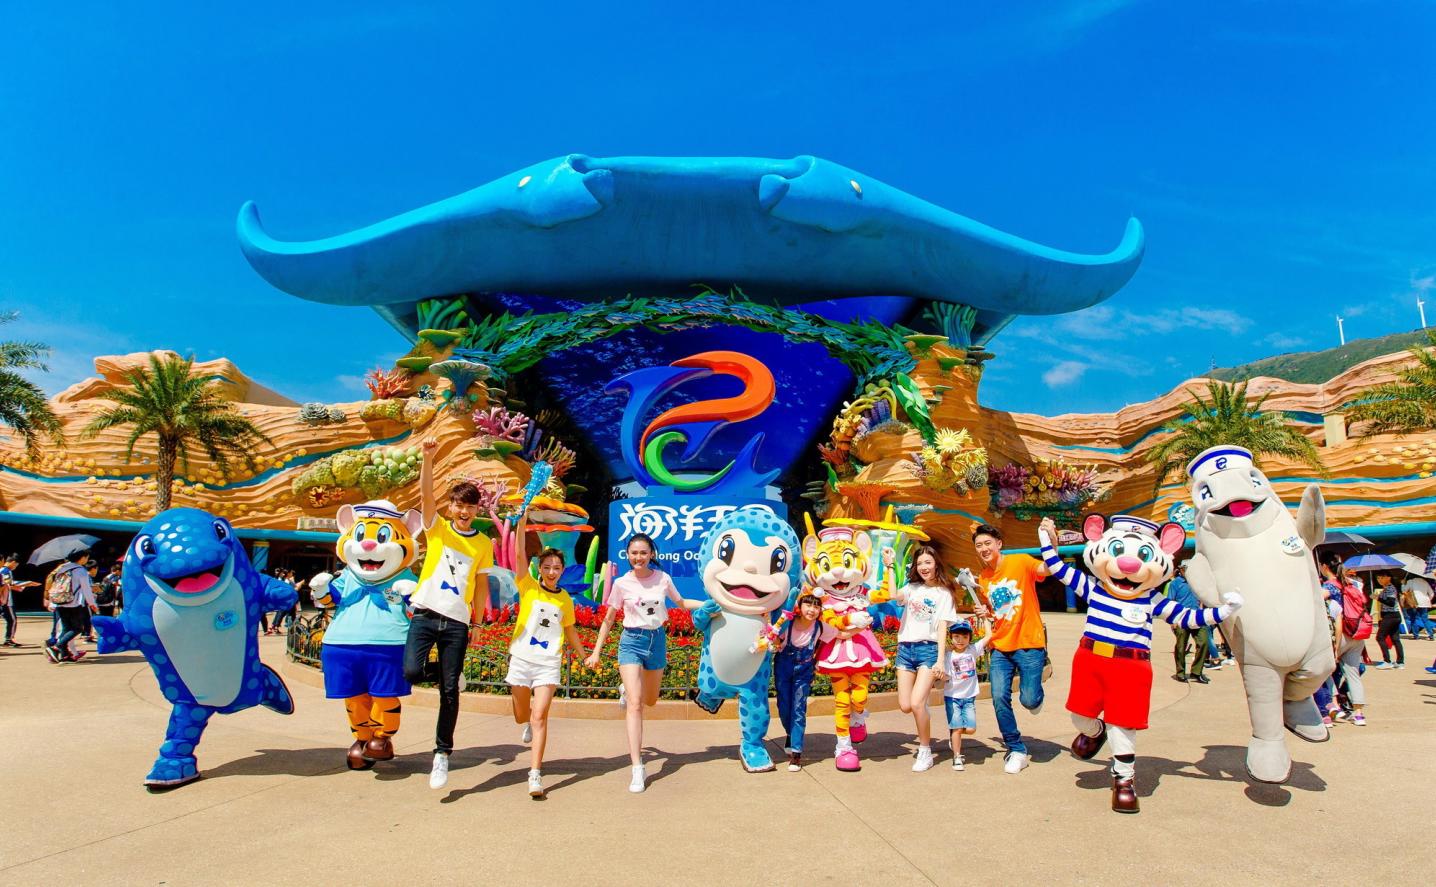 横琴国际旅游岛获批,琴澳旅游概念玩一体化?